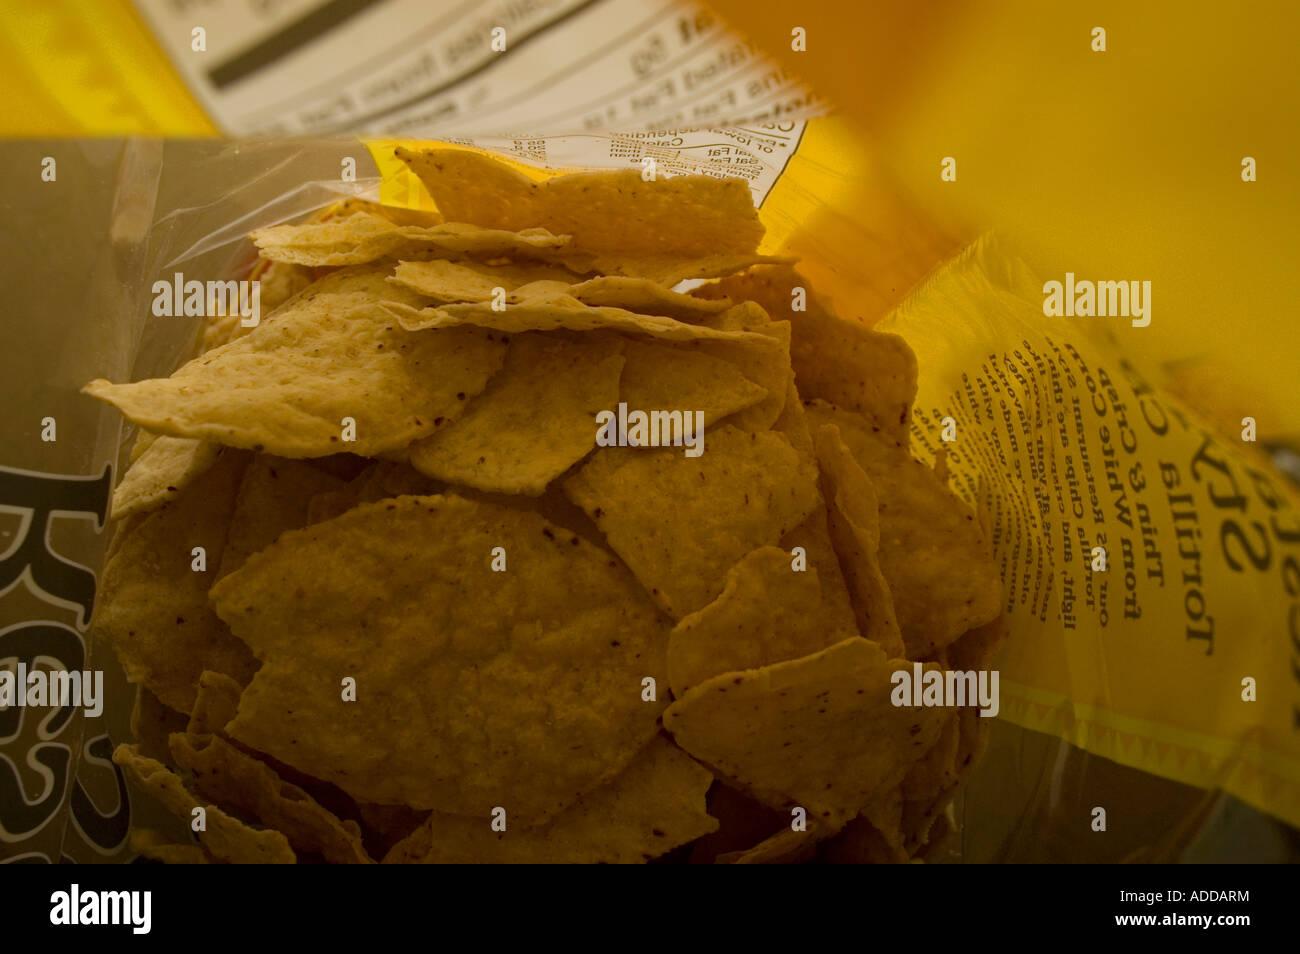 Un sac de croustilles au sel faite avec du maïs blanc au sol en pierre Photo Stock